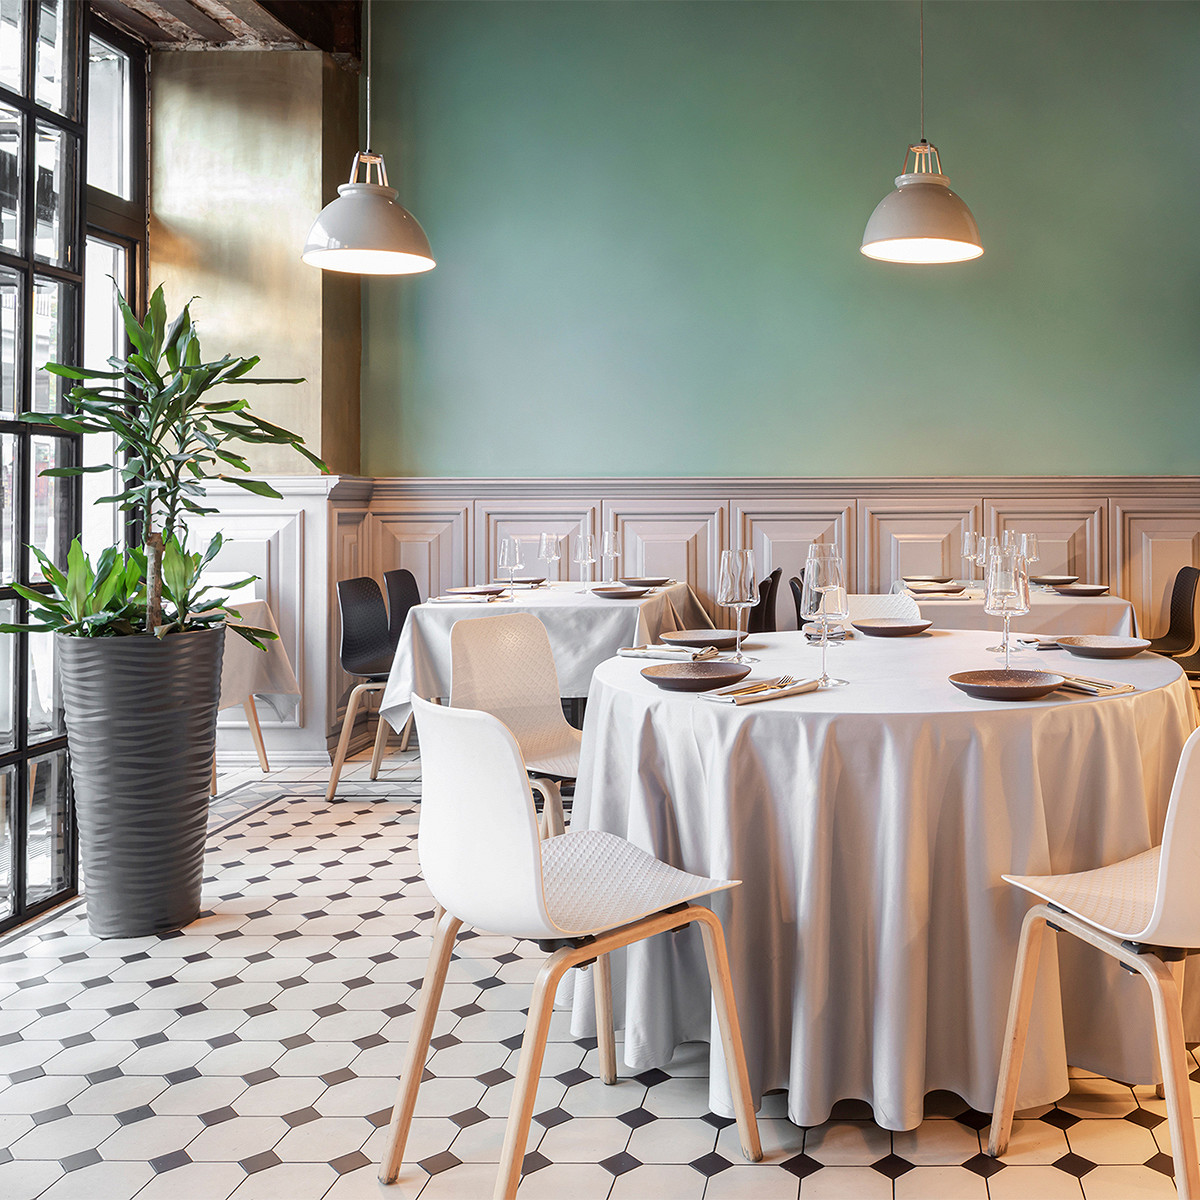 Osteria Unica вБлаговещенском, Sybarite наСадовой-Самотечной идругие новые рестораны